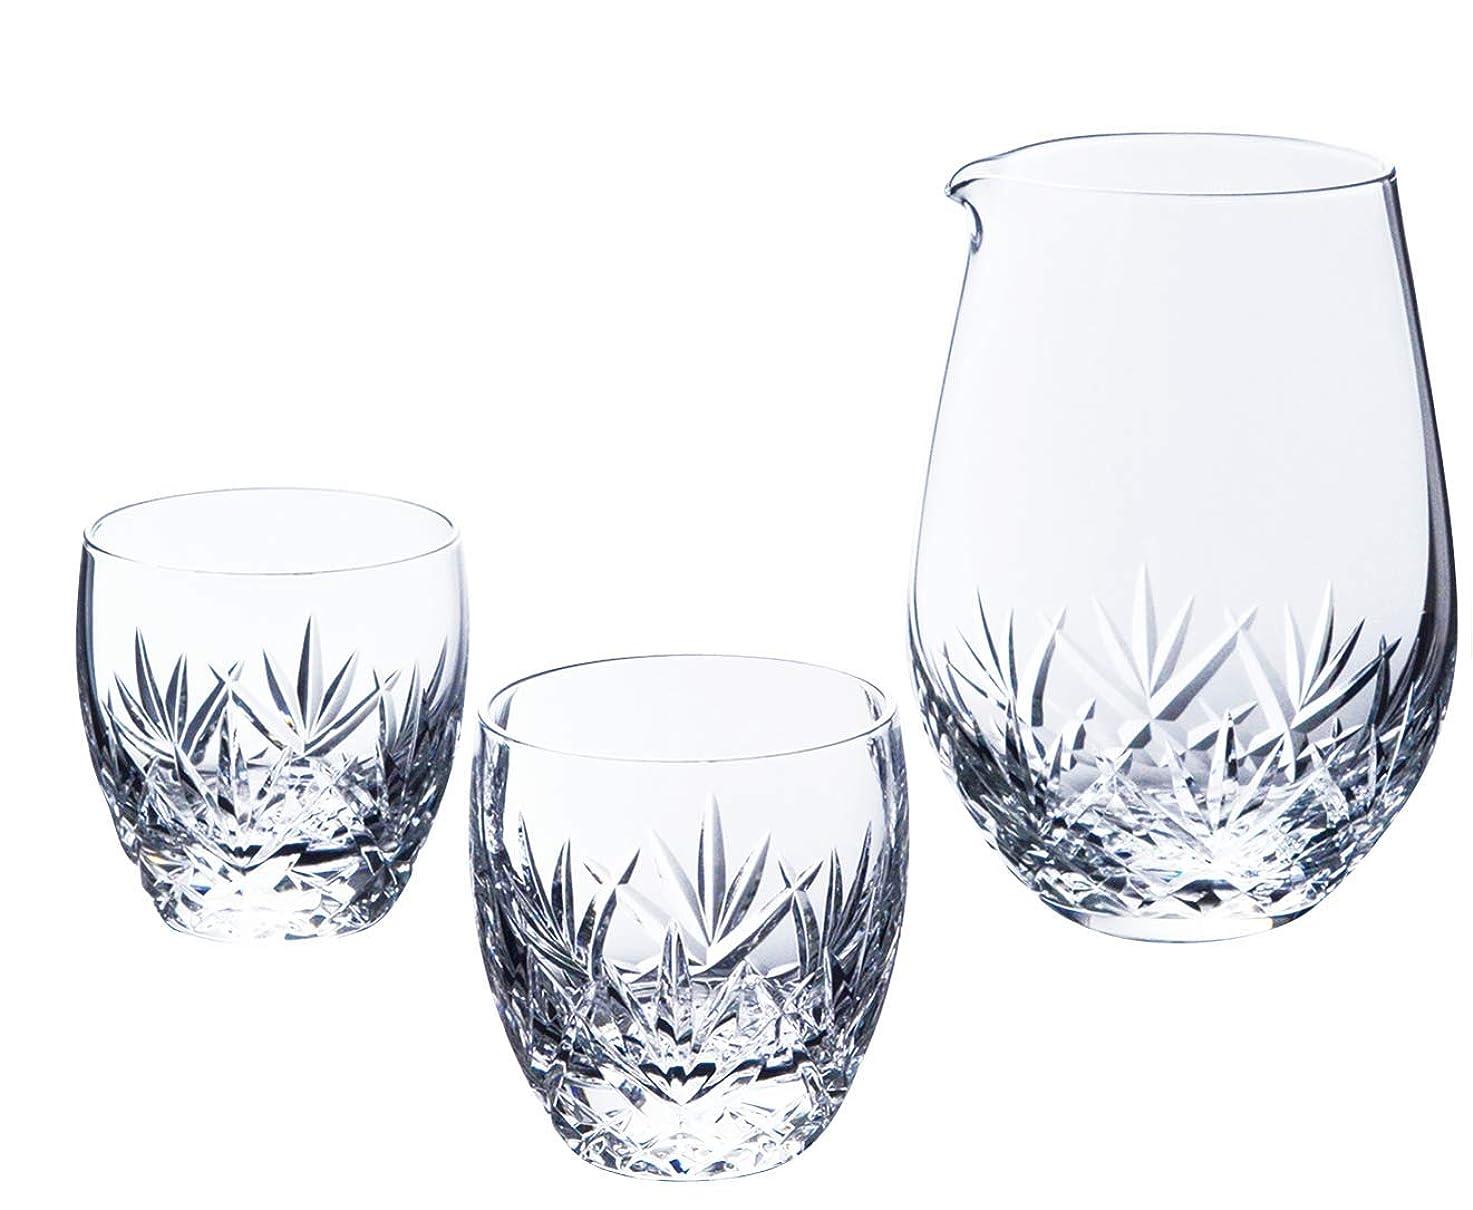 著者同様にヒロイン東洋佐々木ガラス 冷酒セット 酒グラスコレクション 片口 425ml 杯 100ml G087-H102 3点入り